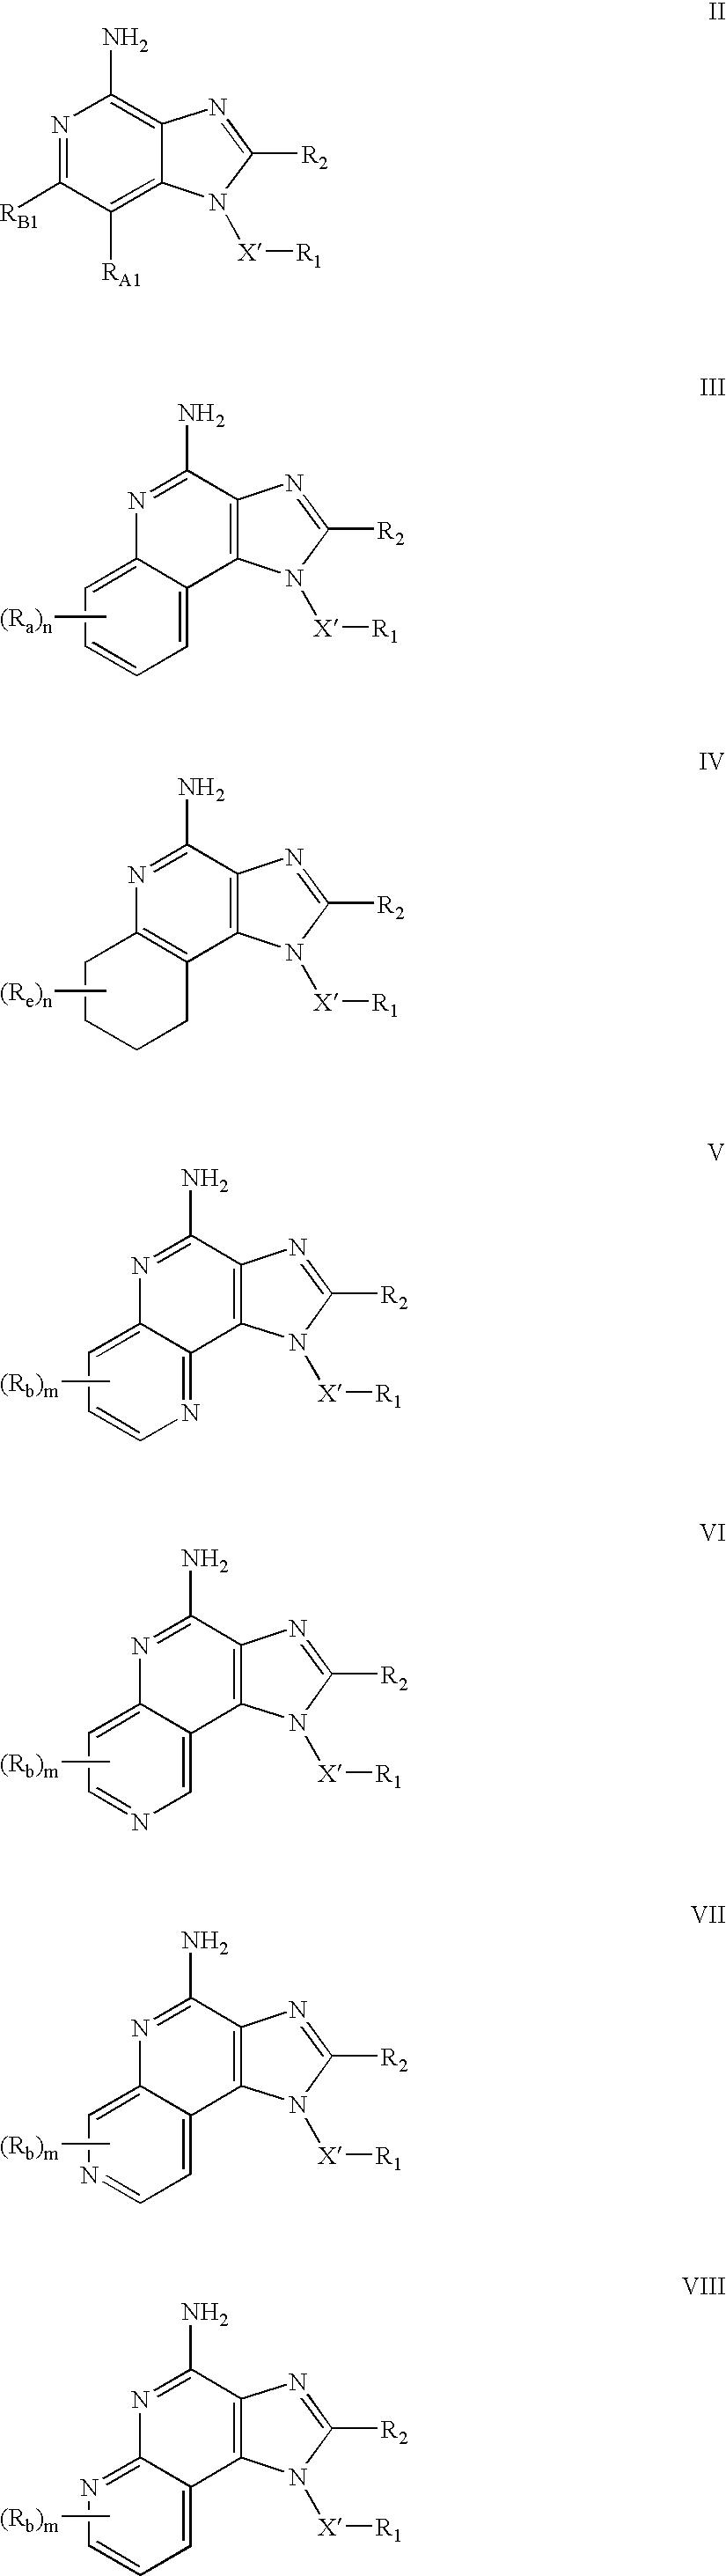 Figure US20070287725A1-20071213-C00003